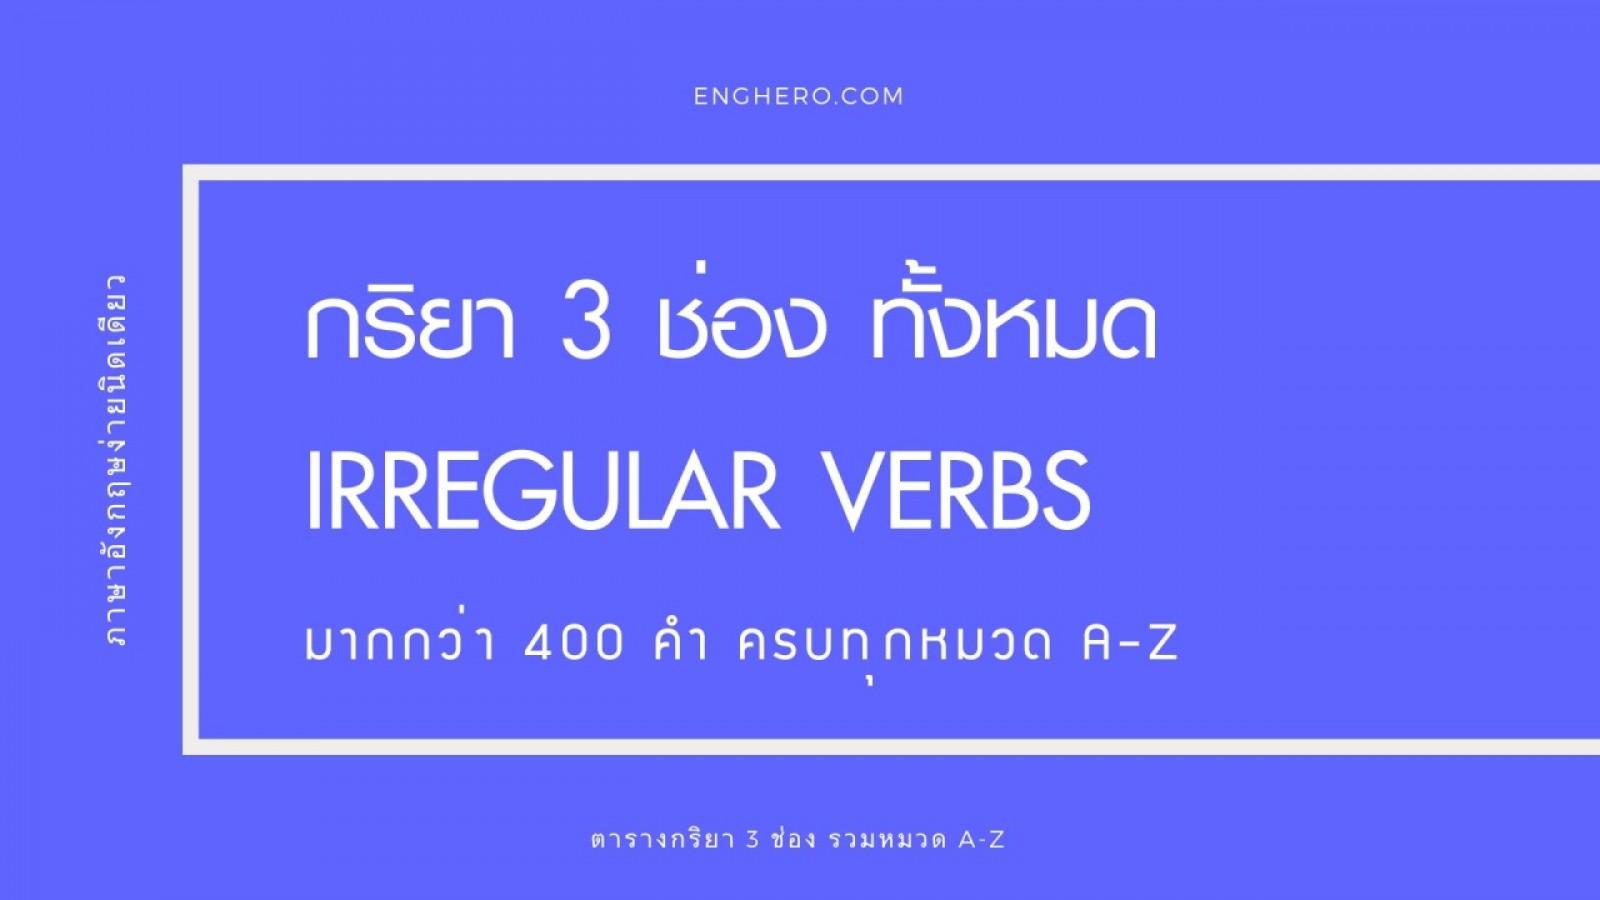 กริยา 3 ช่อง ฉบับเต็ม! ครบทุกหมวดตัวอักษร A-Z